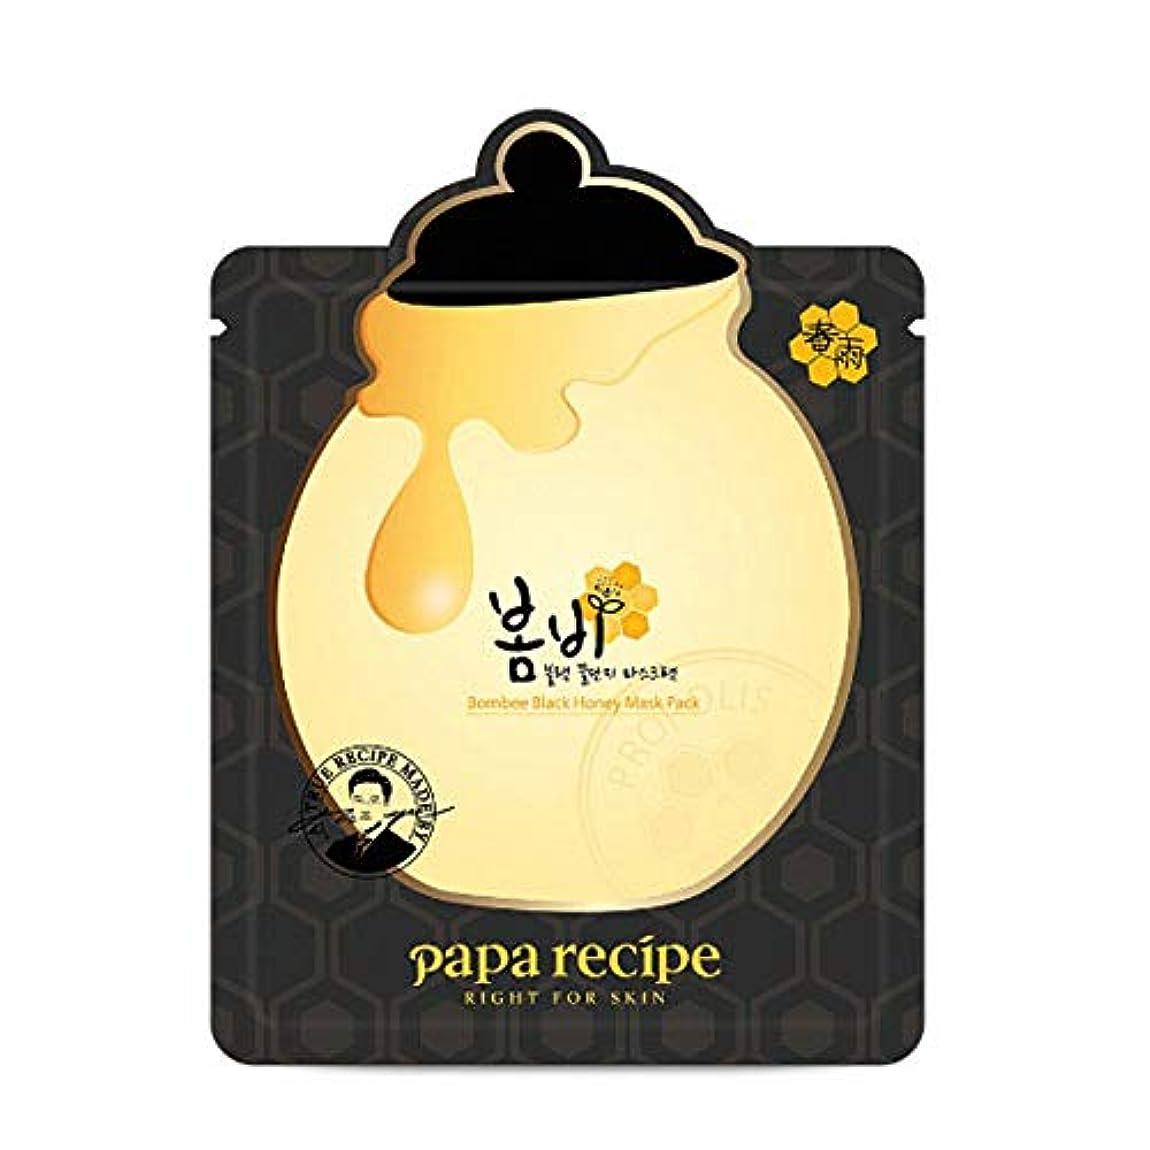 愛情深い乳製品インデックスPaparecipe(パパレシピ)ポンビ ブラックハニーマスクパックシート10枚セット